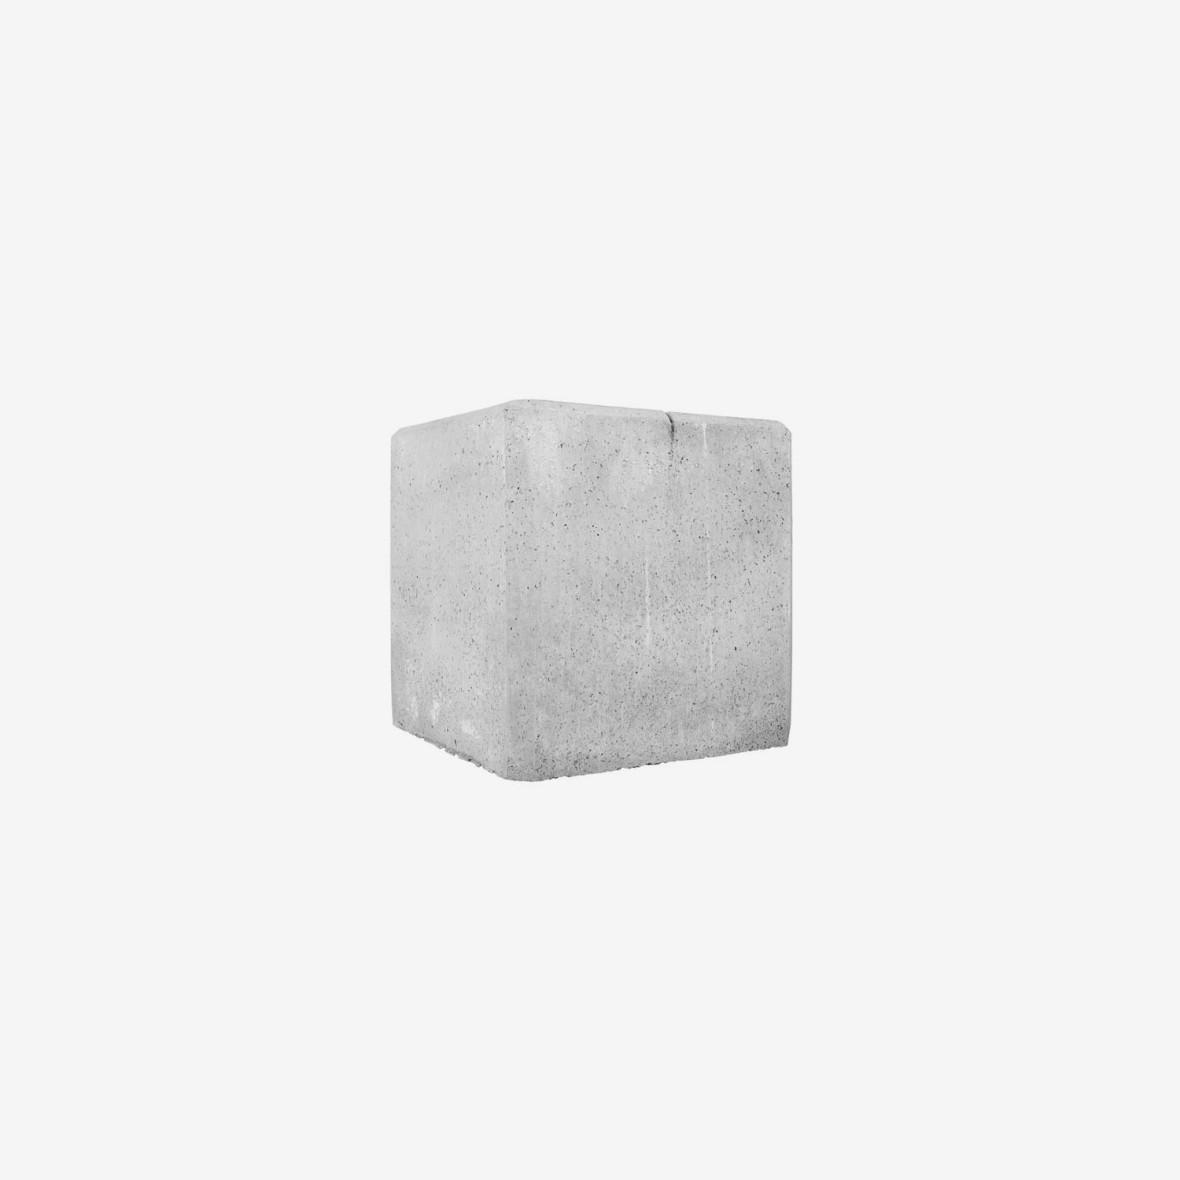 concrete forms (10)